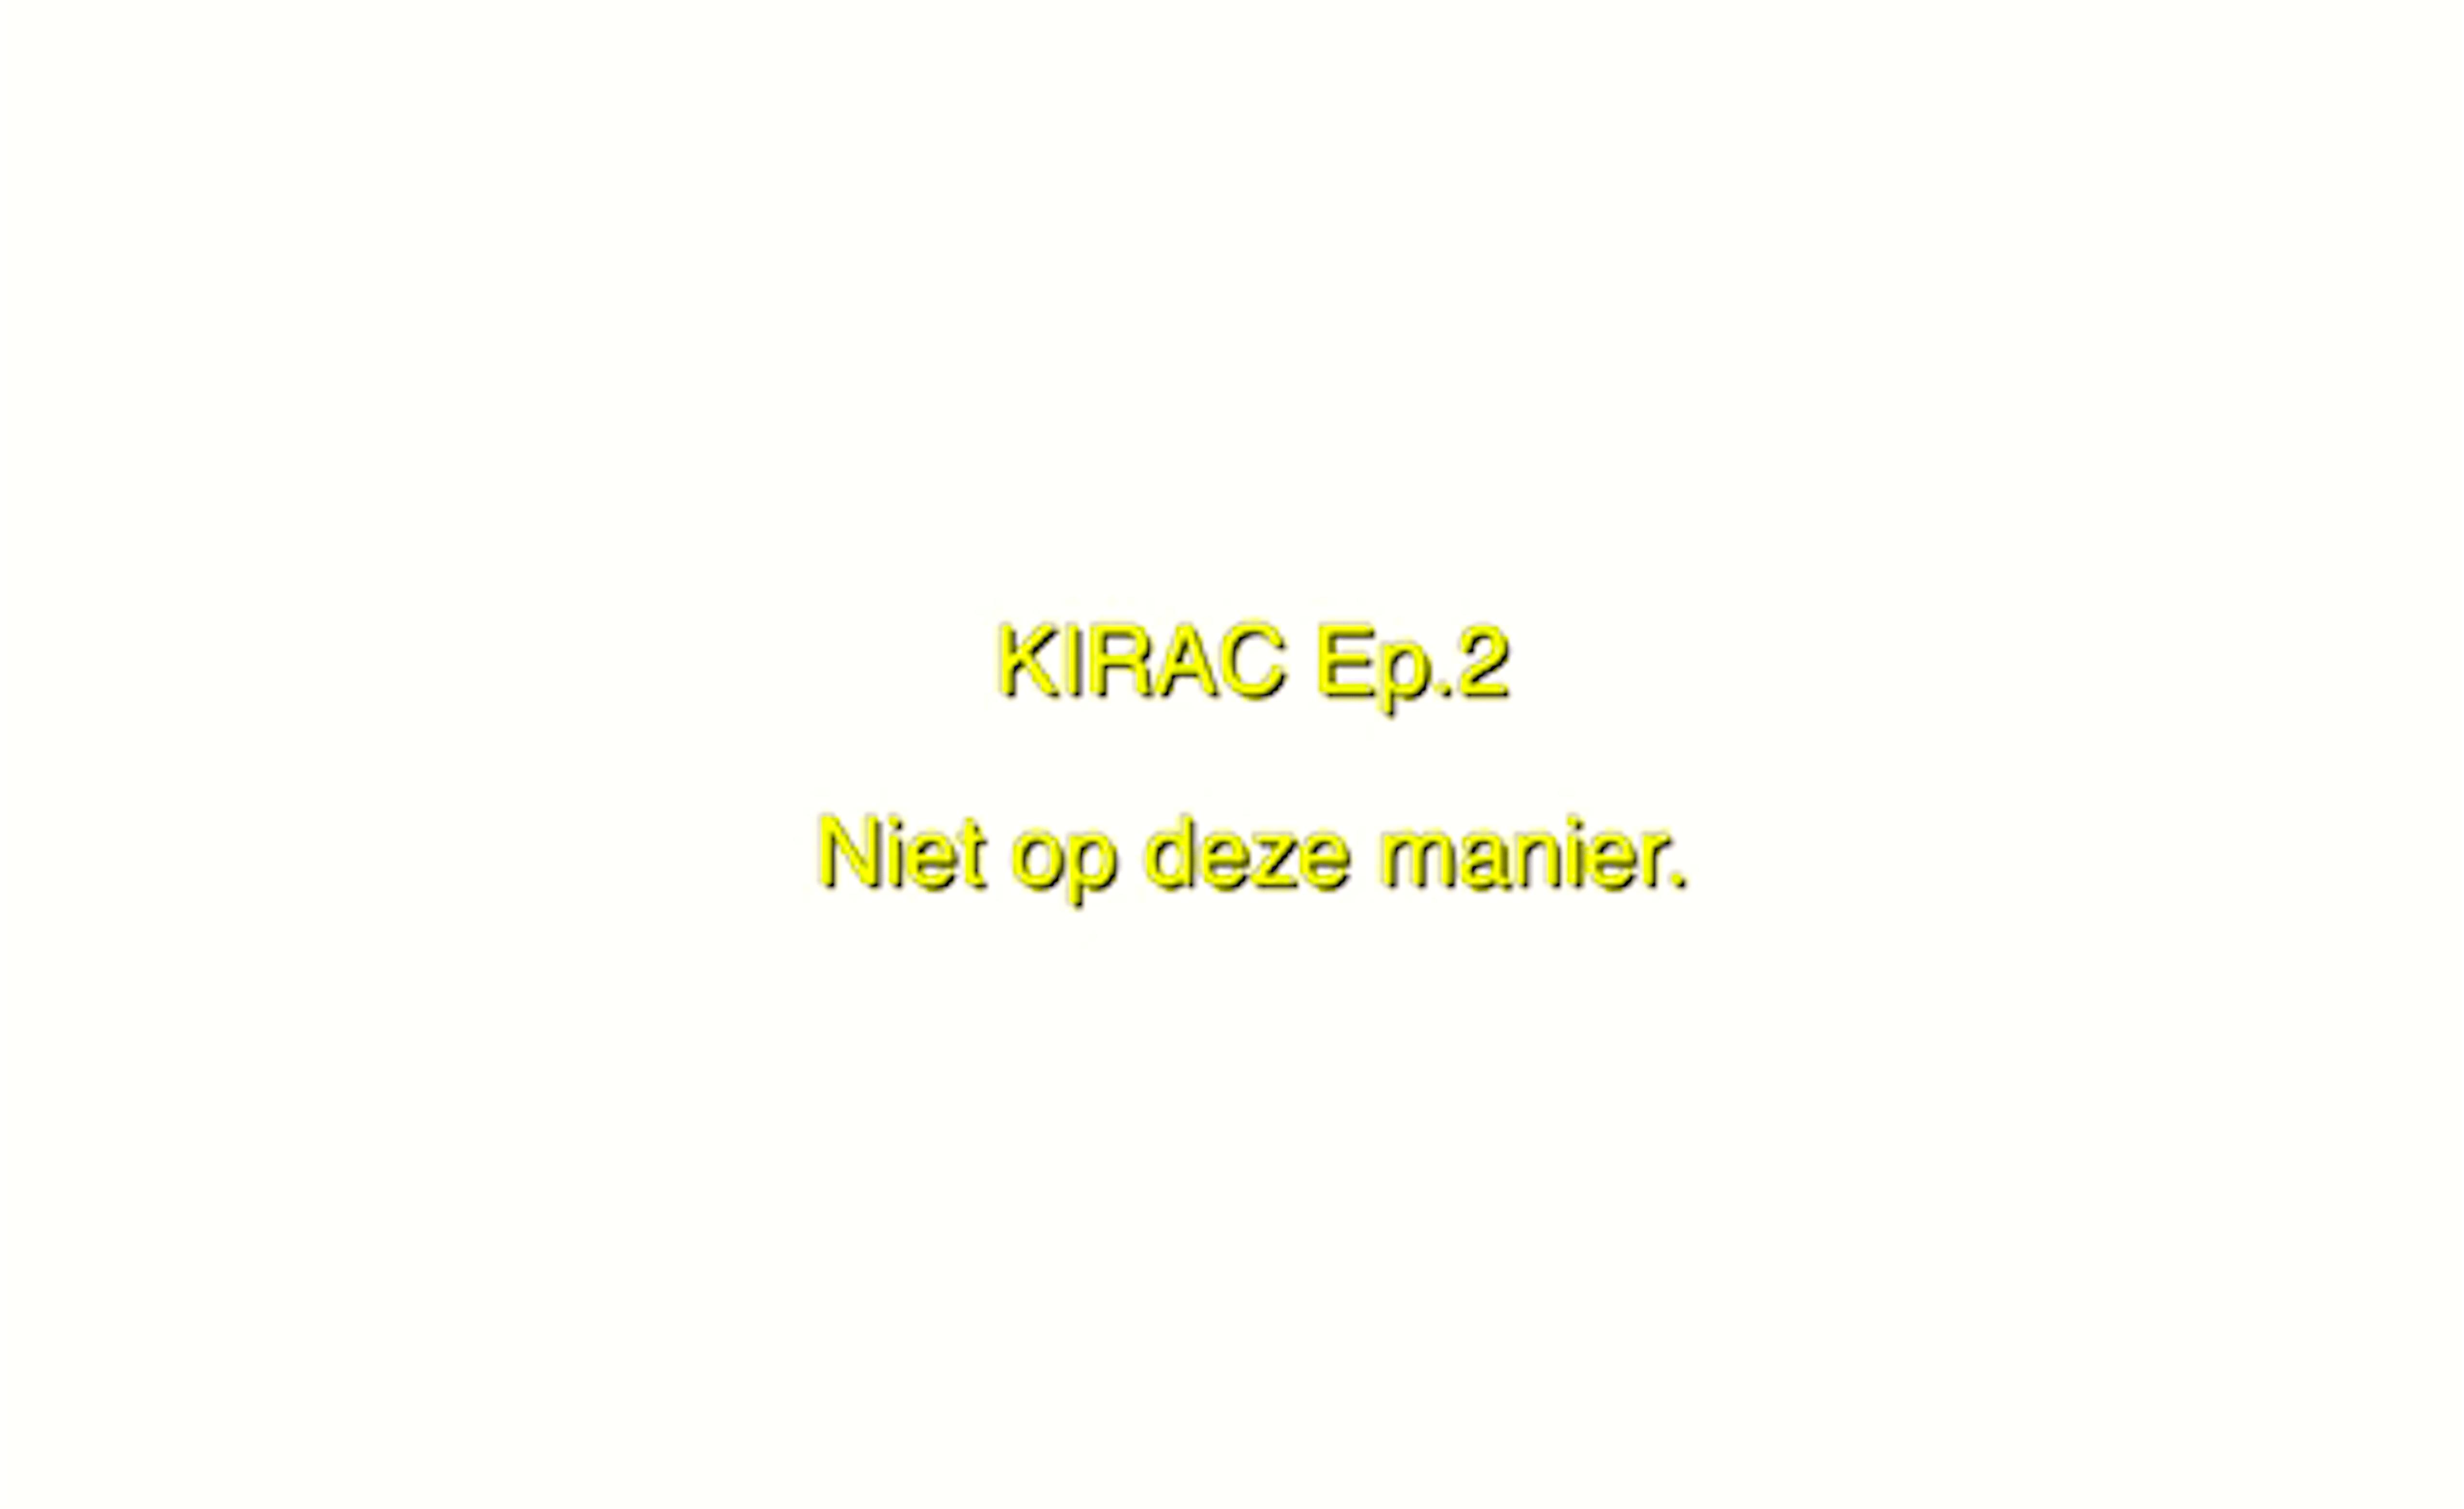 KIRAC Ep. 2 Niet op deze manier